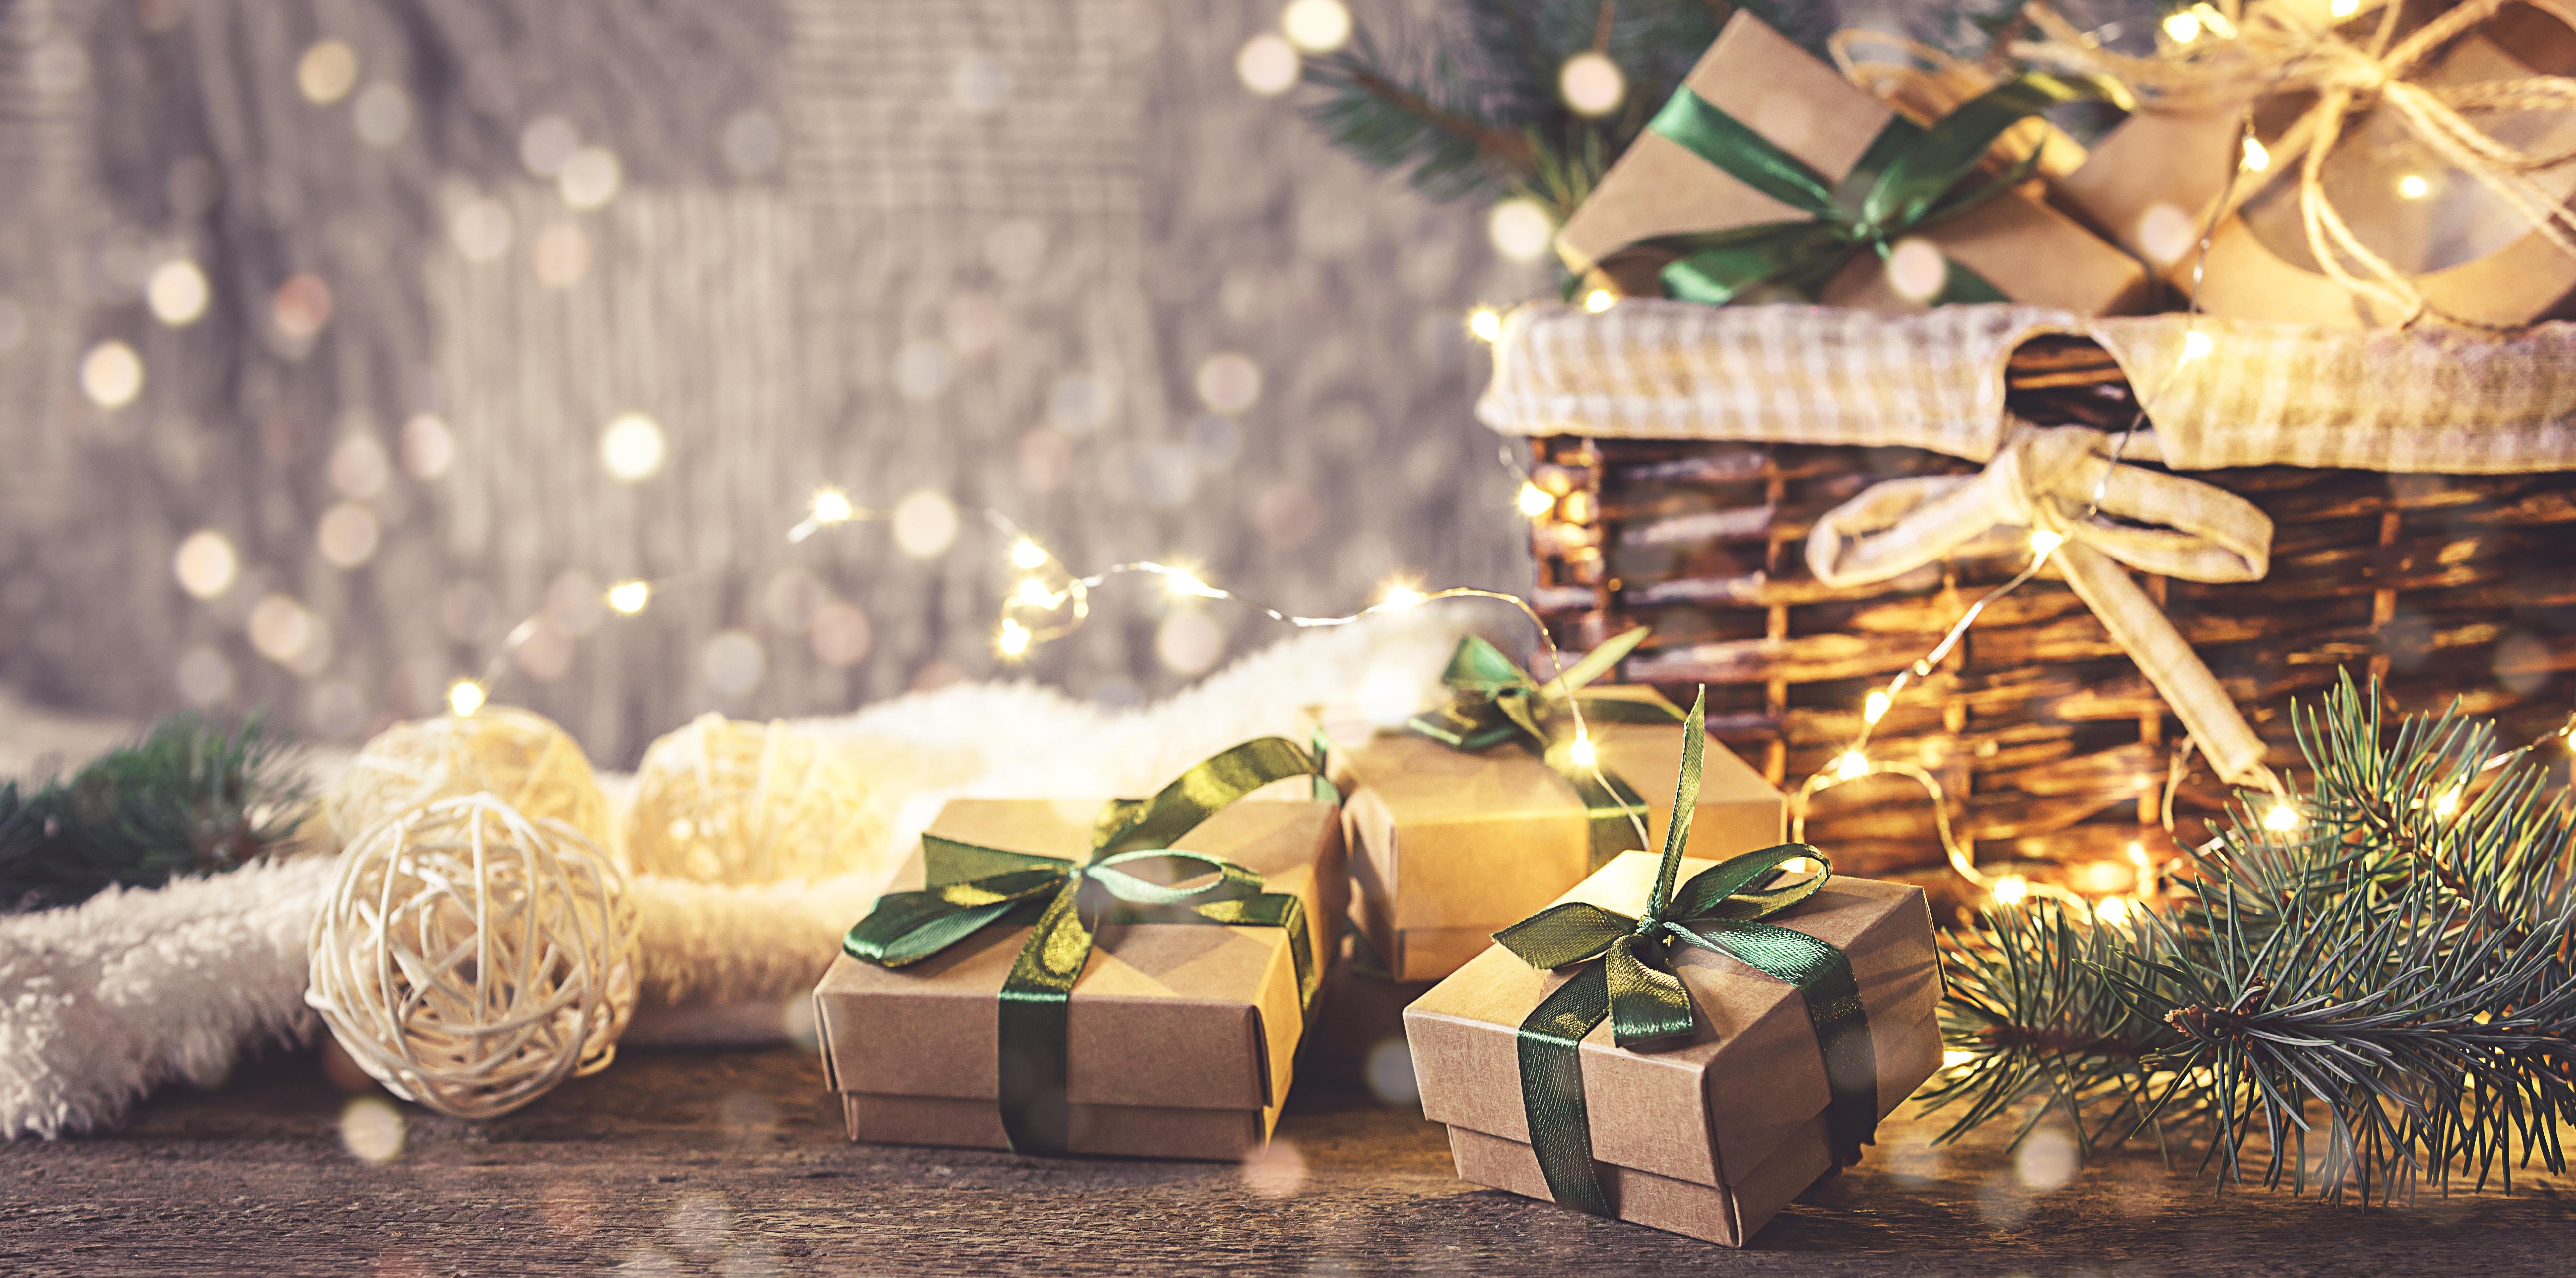 Weihnachtskorb und Geschenke